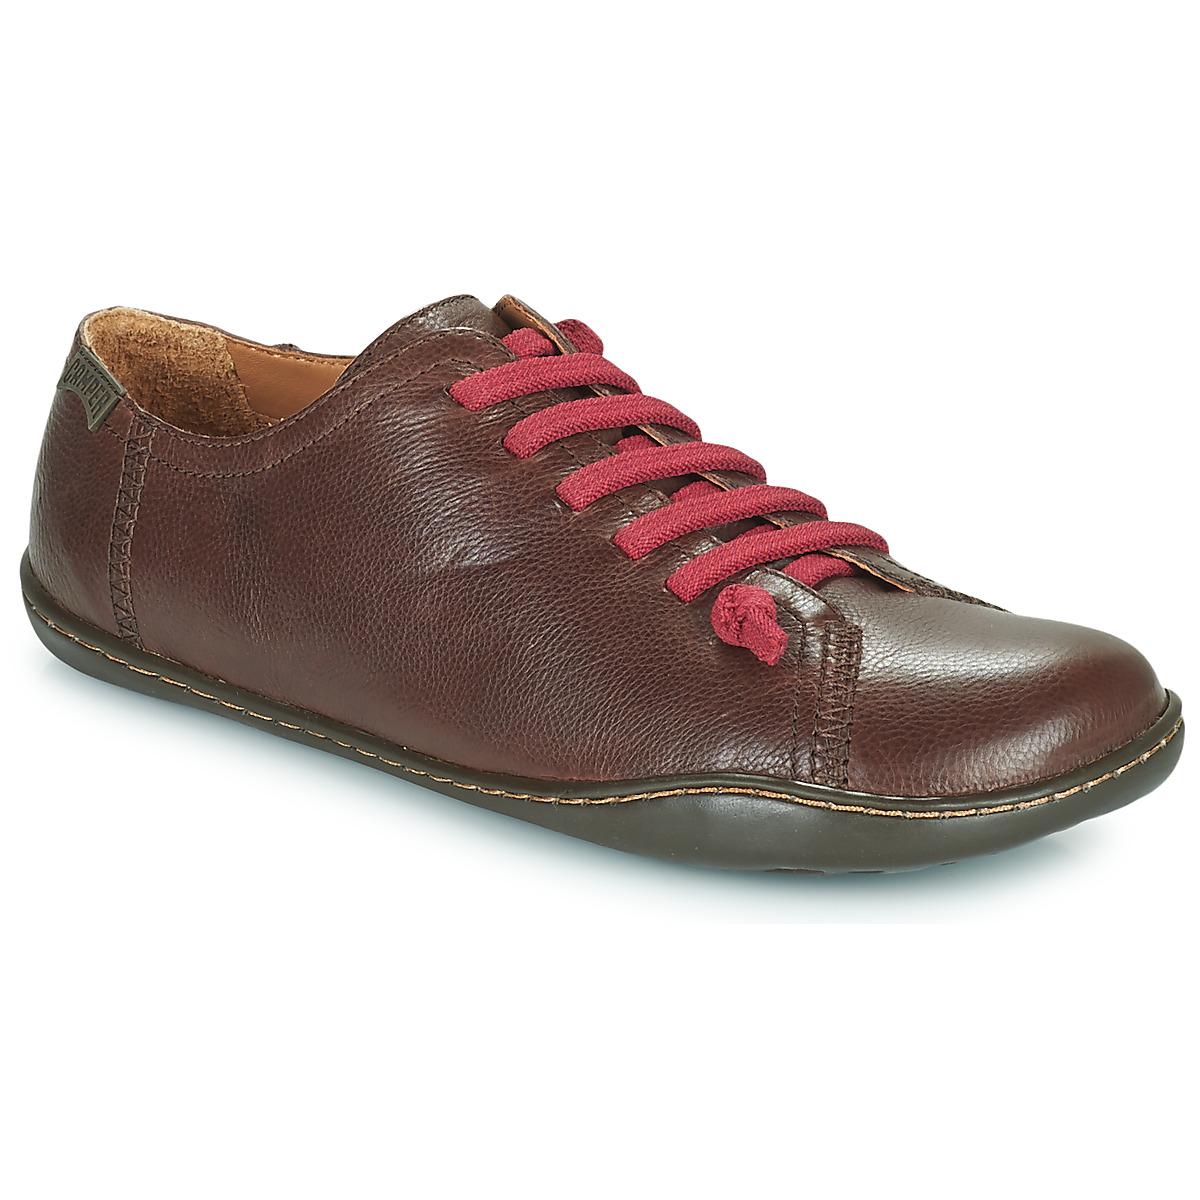 camper peu cami marron livraison gratuite avec chaussures derbies femme 130 50. Black Bedroom Furniture Sets. Home Design Ideas